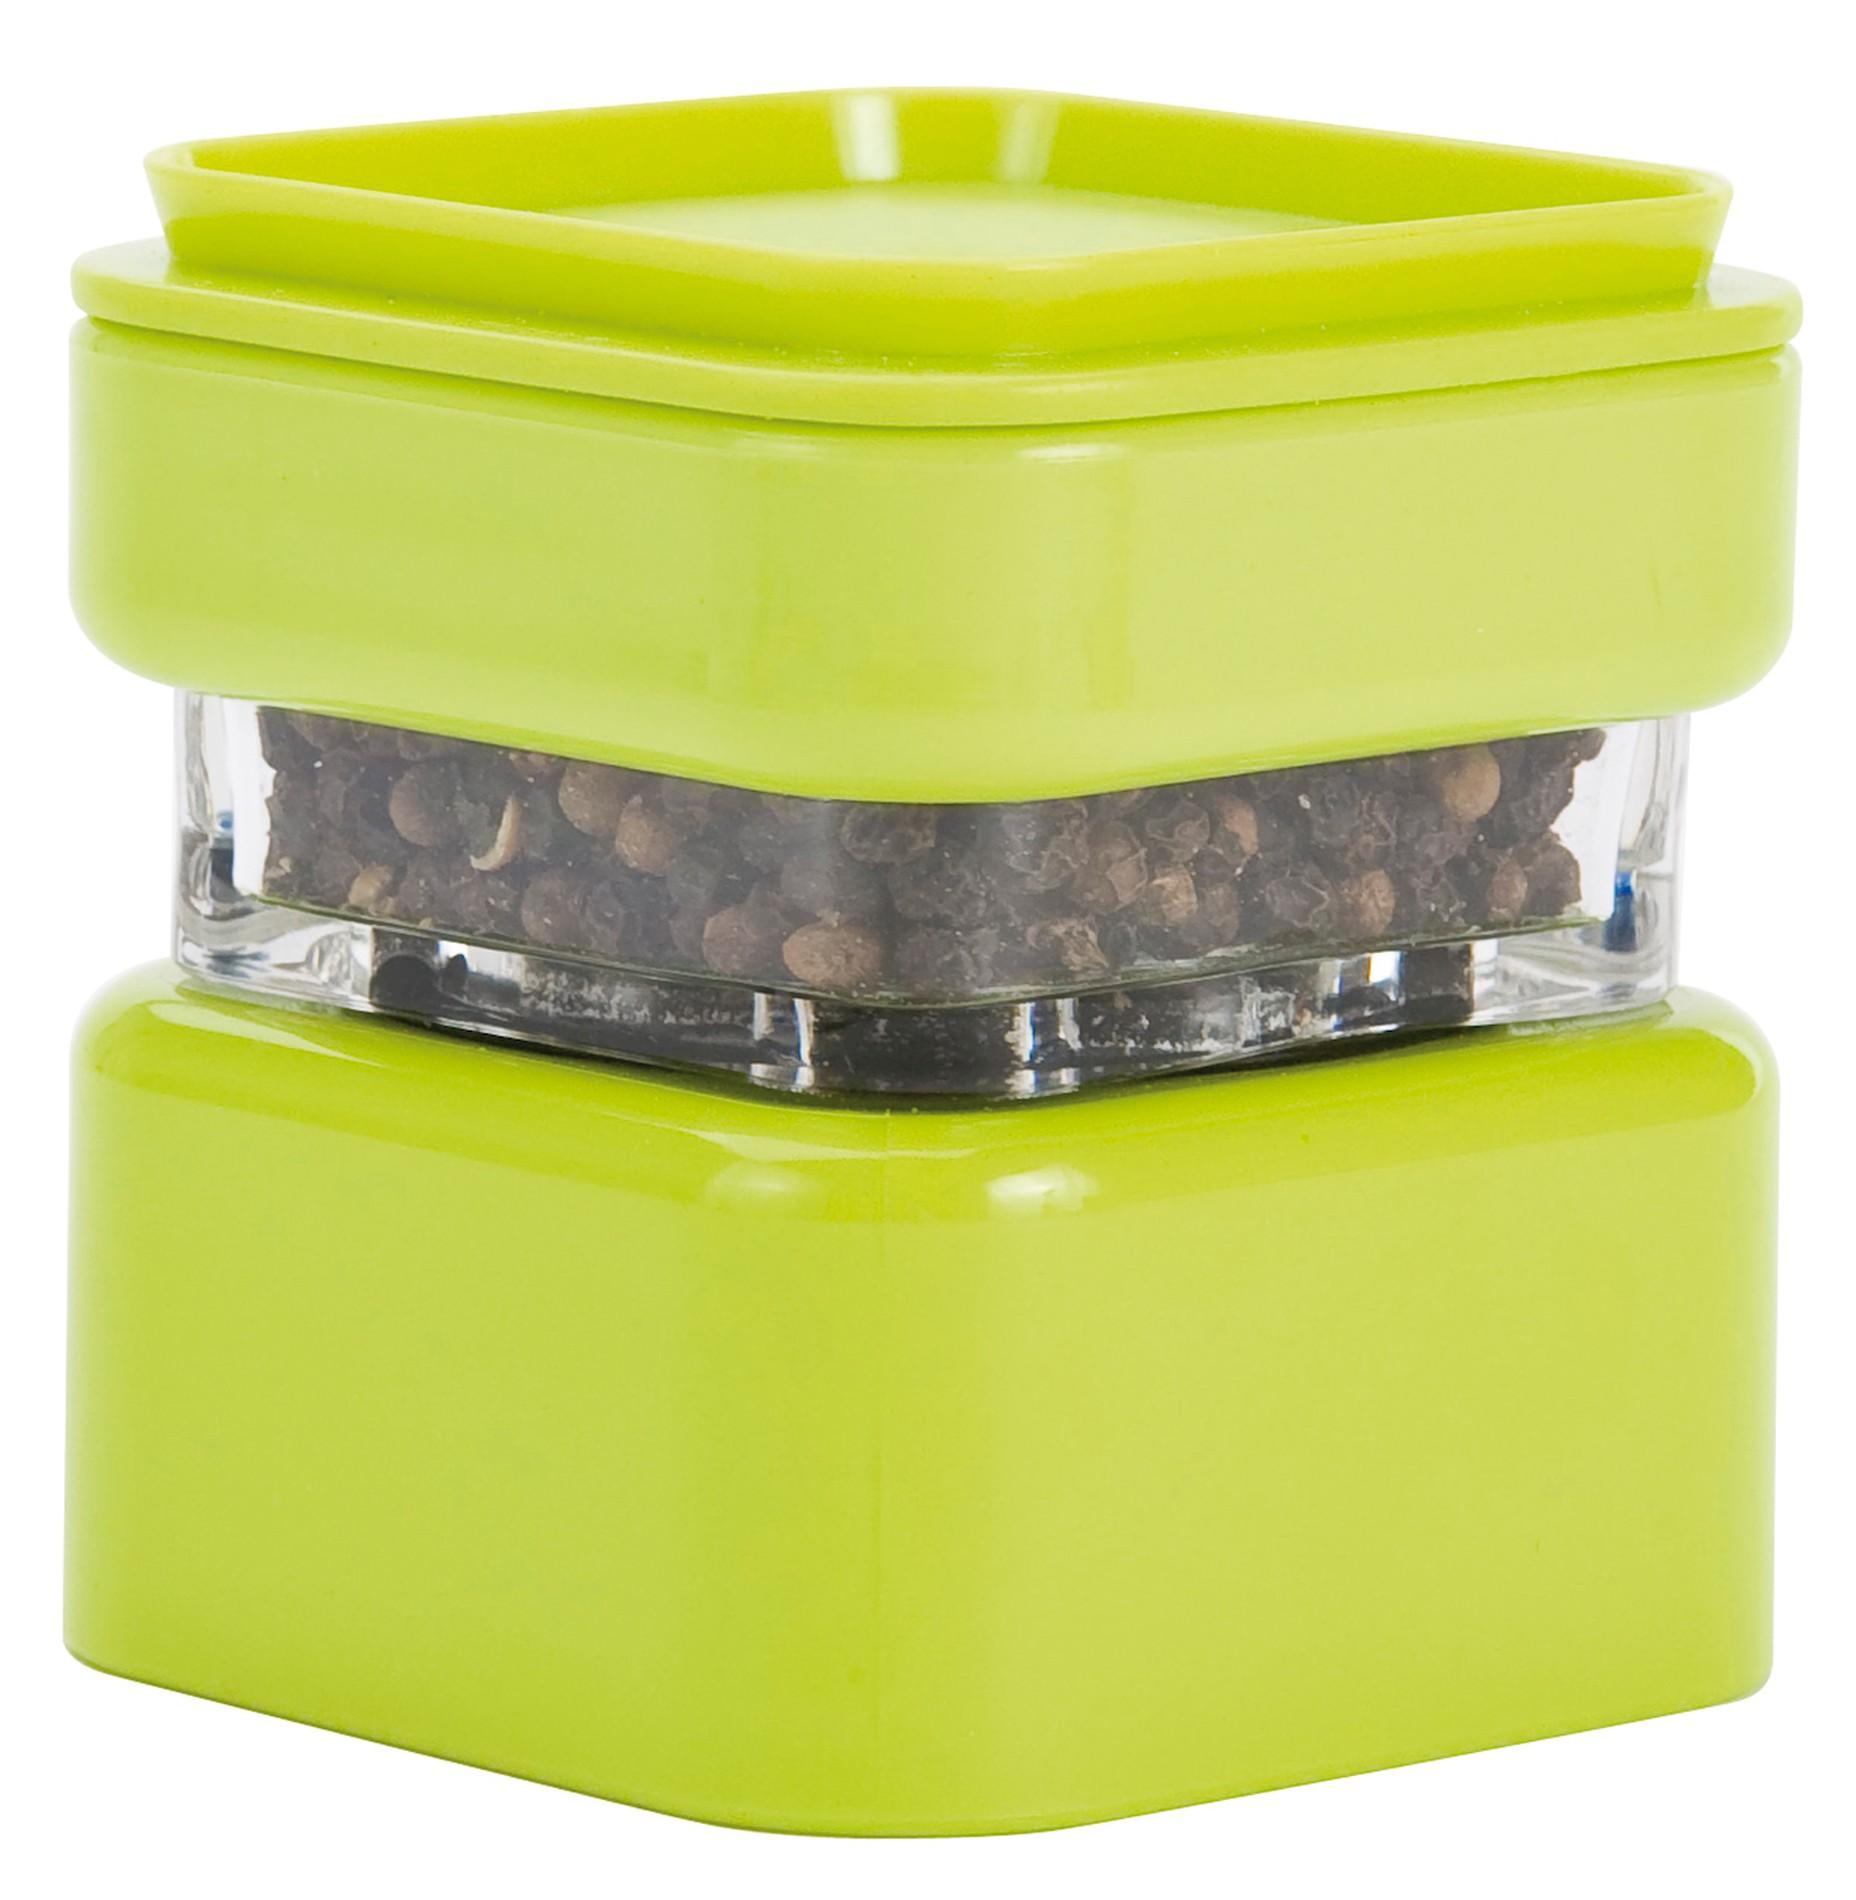 μύλος αλατοπίπερου zak μελαμίνης πράσινος στοιβαζόμενος home   αξεσουαρ κουζινας   μύλοι αλατοπίπερου